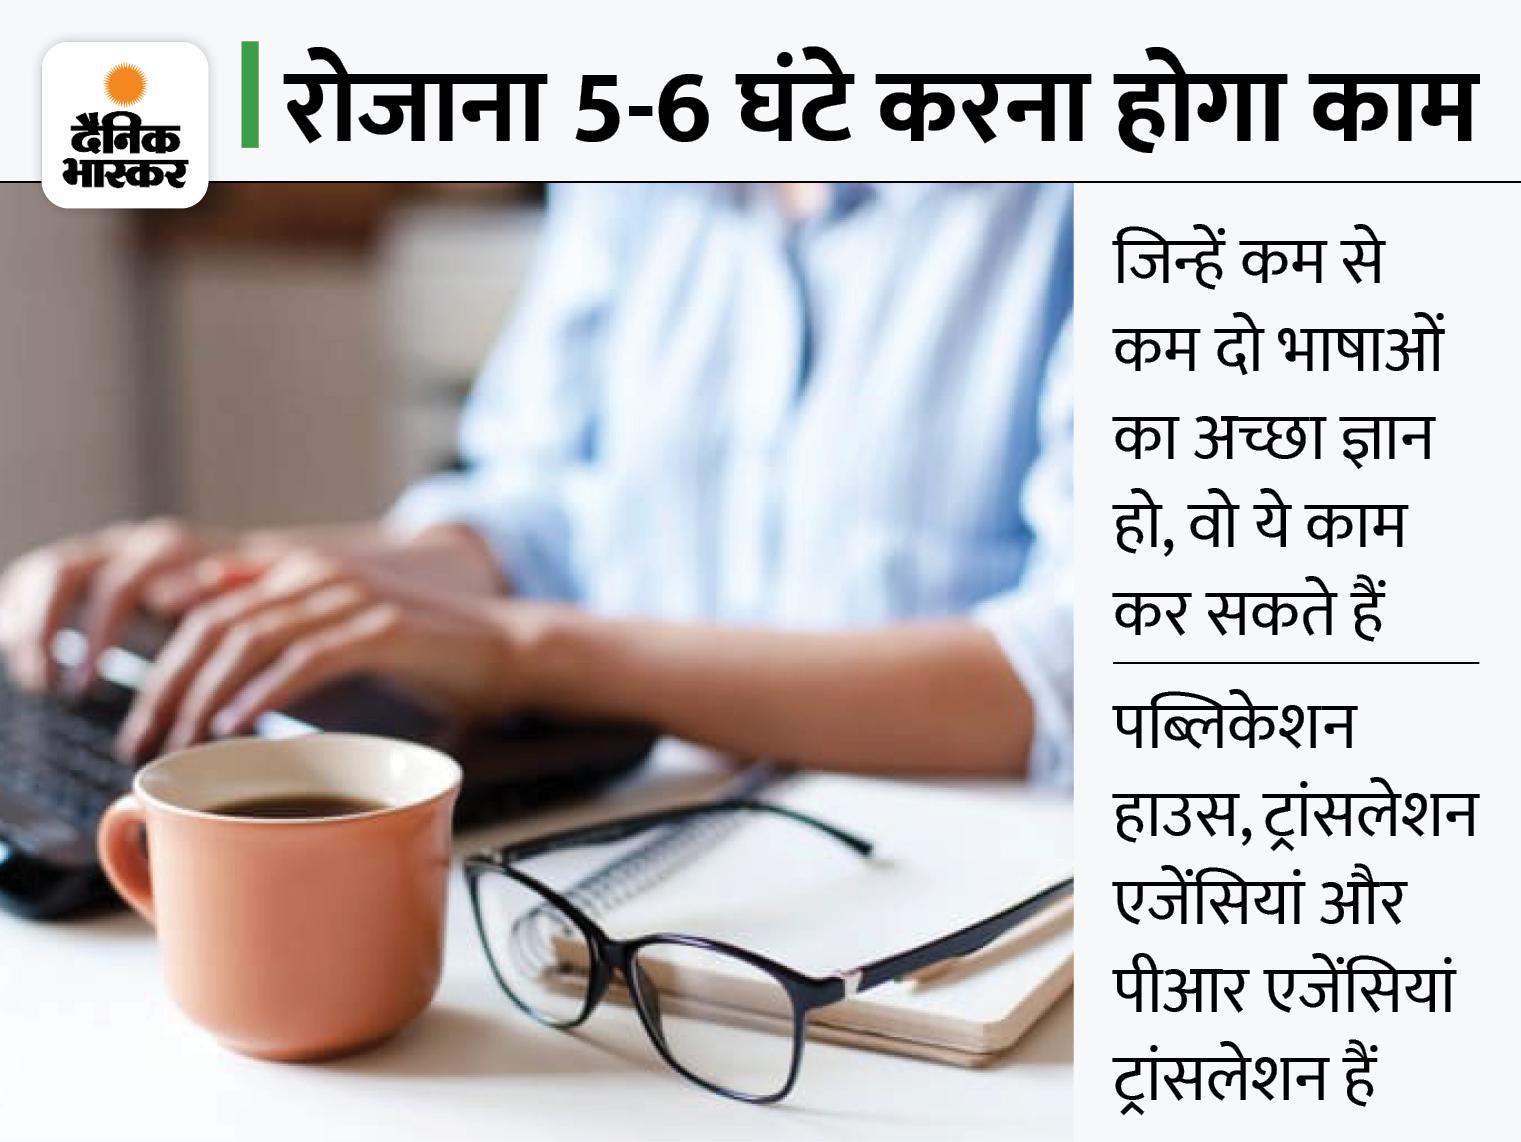 दो भाषाओं की समझ है तो ट्रांसलेटर बनकर कमा सकते हैं 50 हजार रुपए महीना, बिना कुछ निवेश के होगी काम की शुरुआत|बिजनेस,Business - Dainik Bhaskar